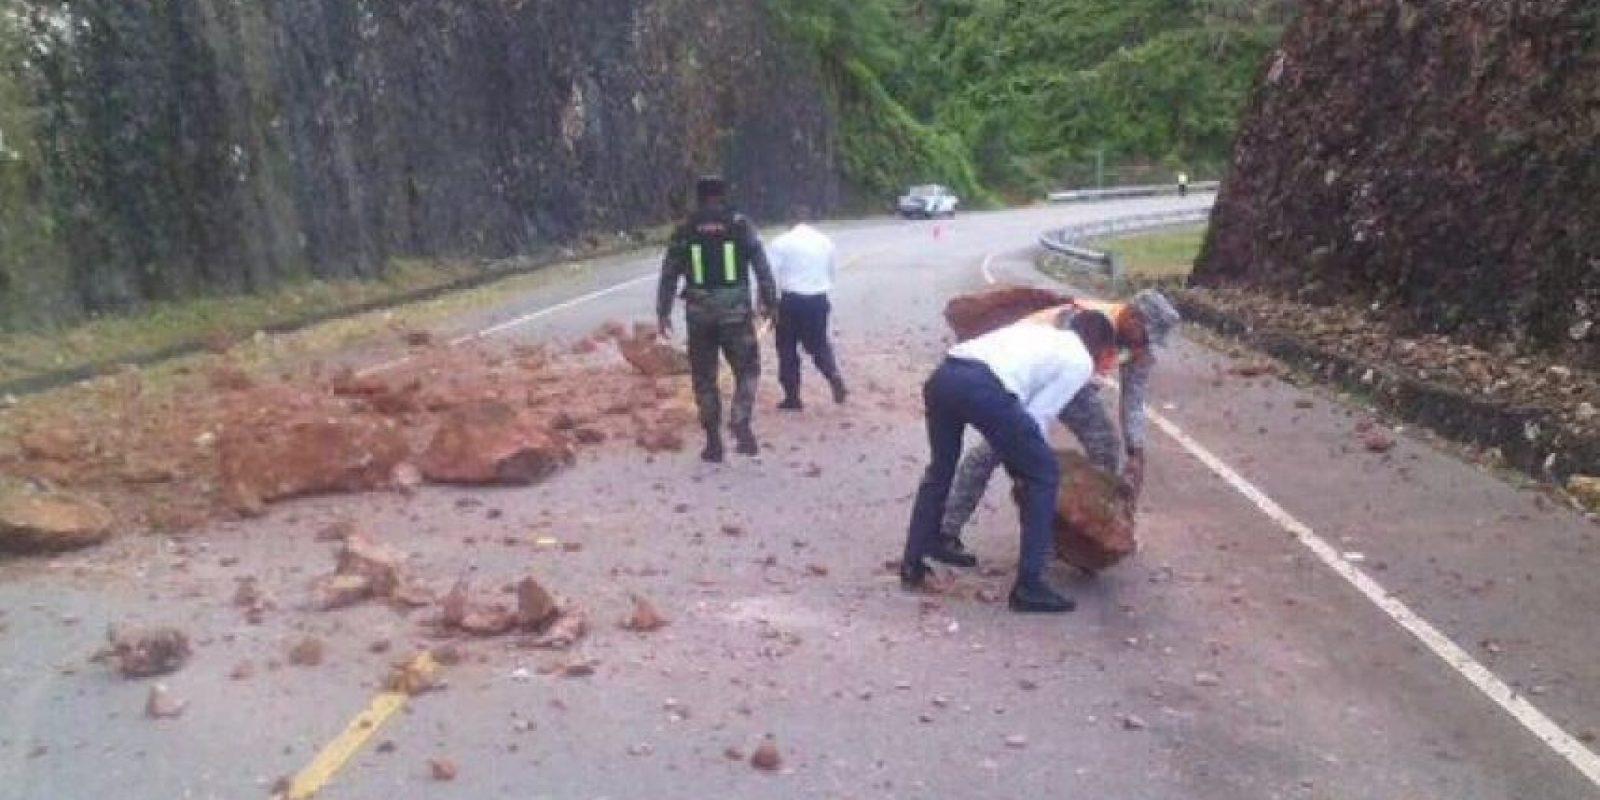 Derrumbes en carretera por las lluvias. /Fuente Externa